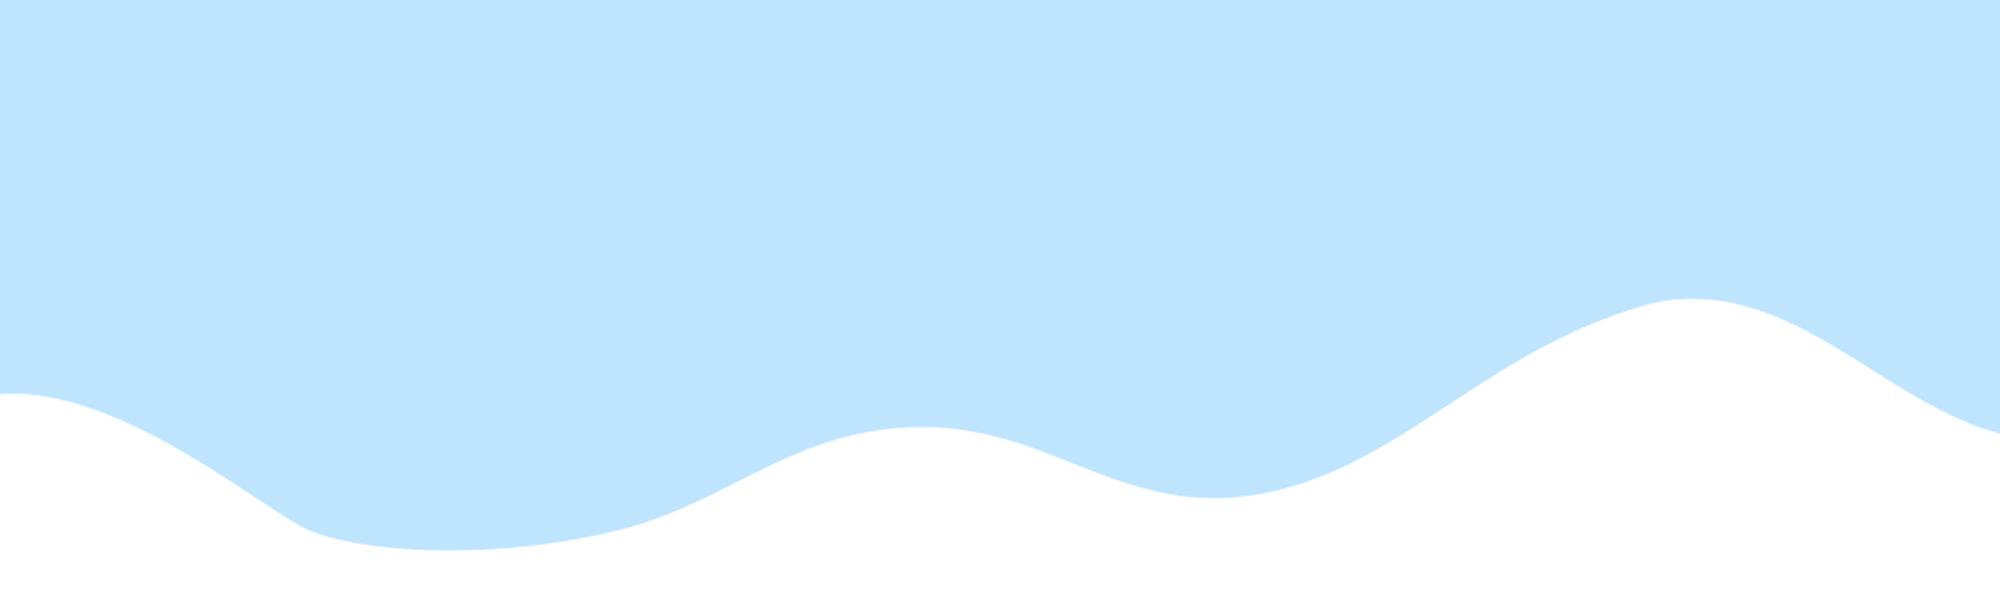 background-color-header-min